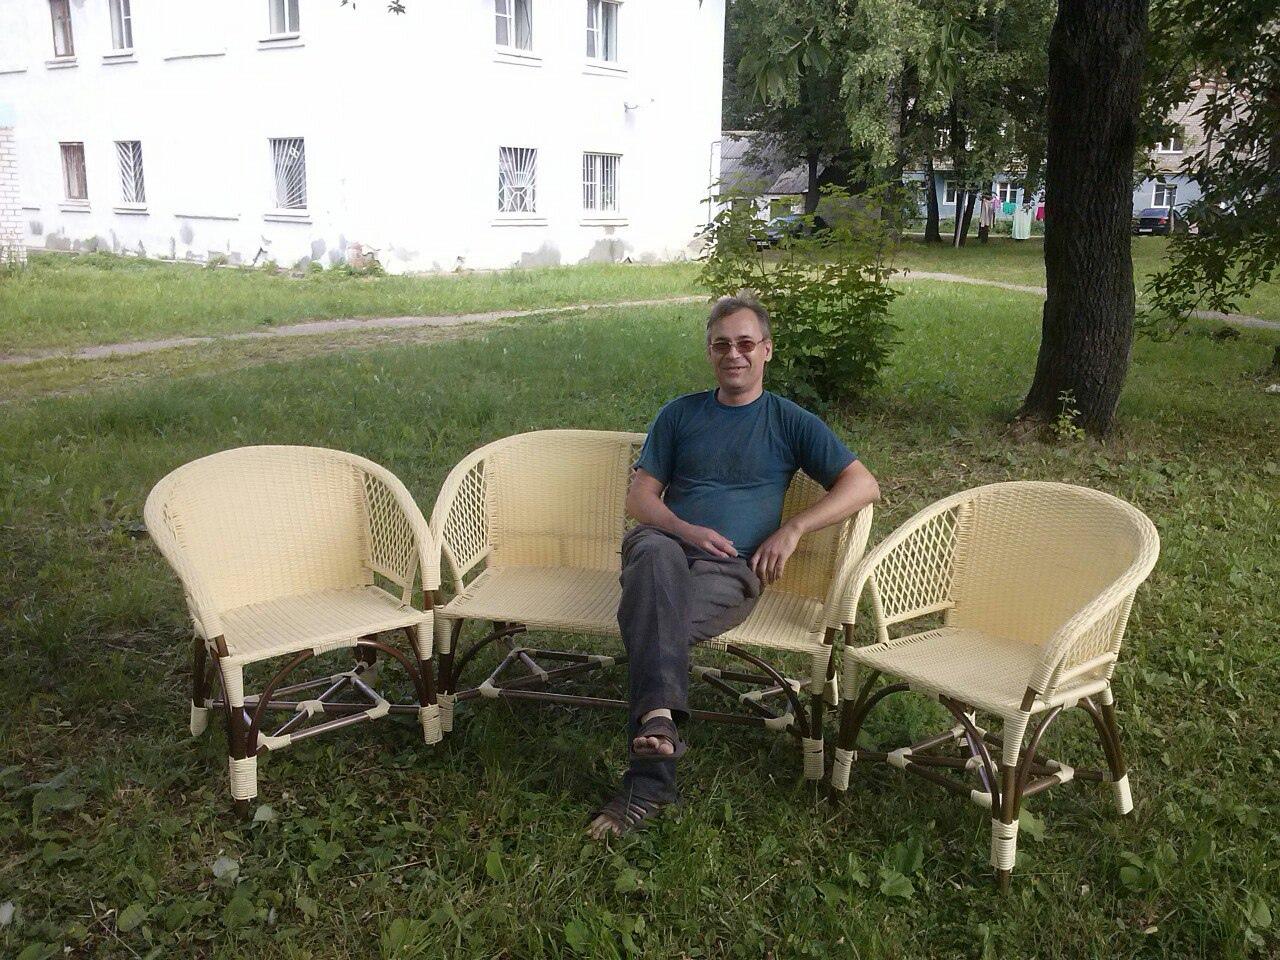 Сергей Самбулаткин - мастер народных художественных промыслов и участник «Ивы-Дивной»